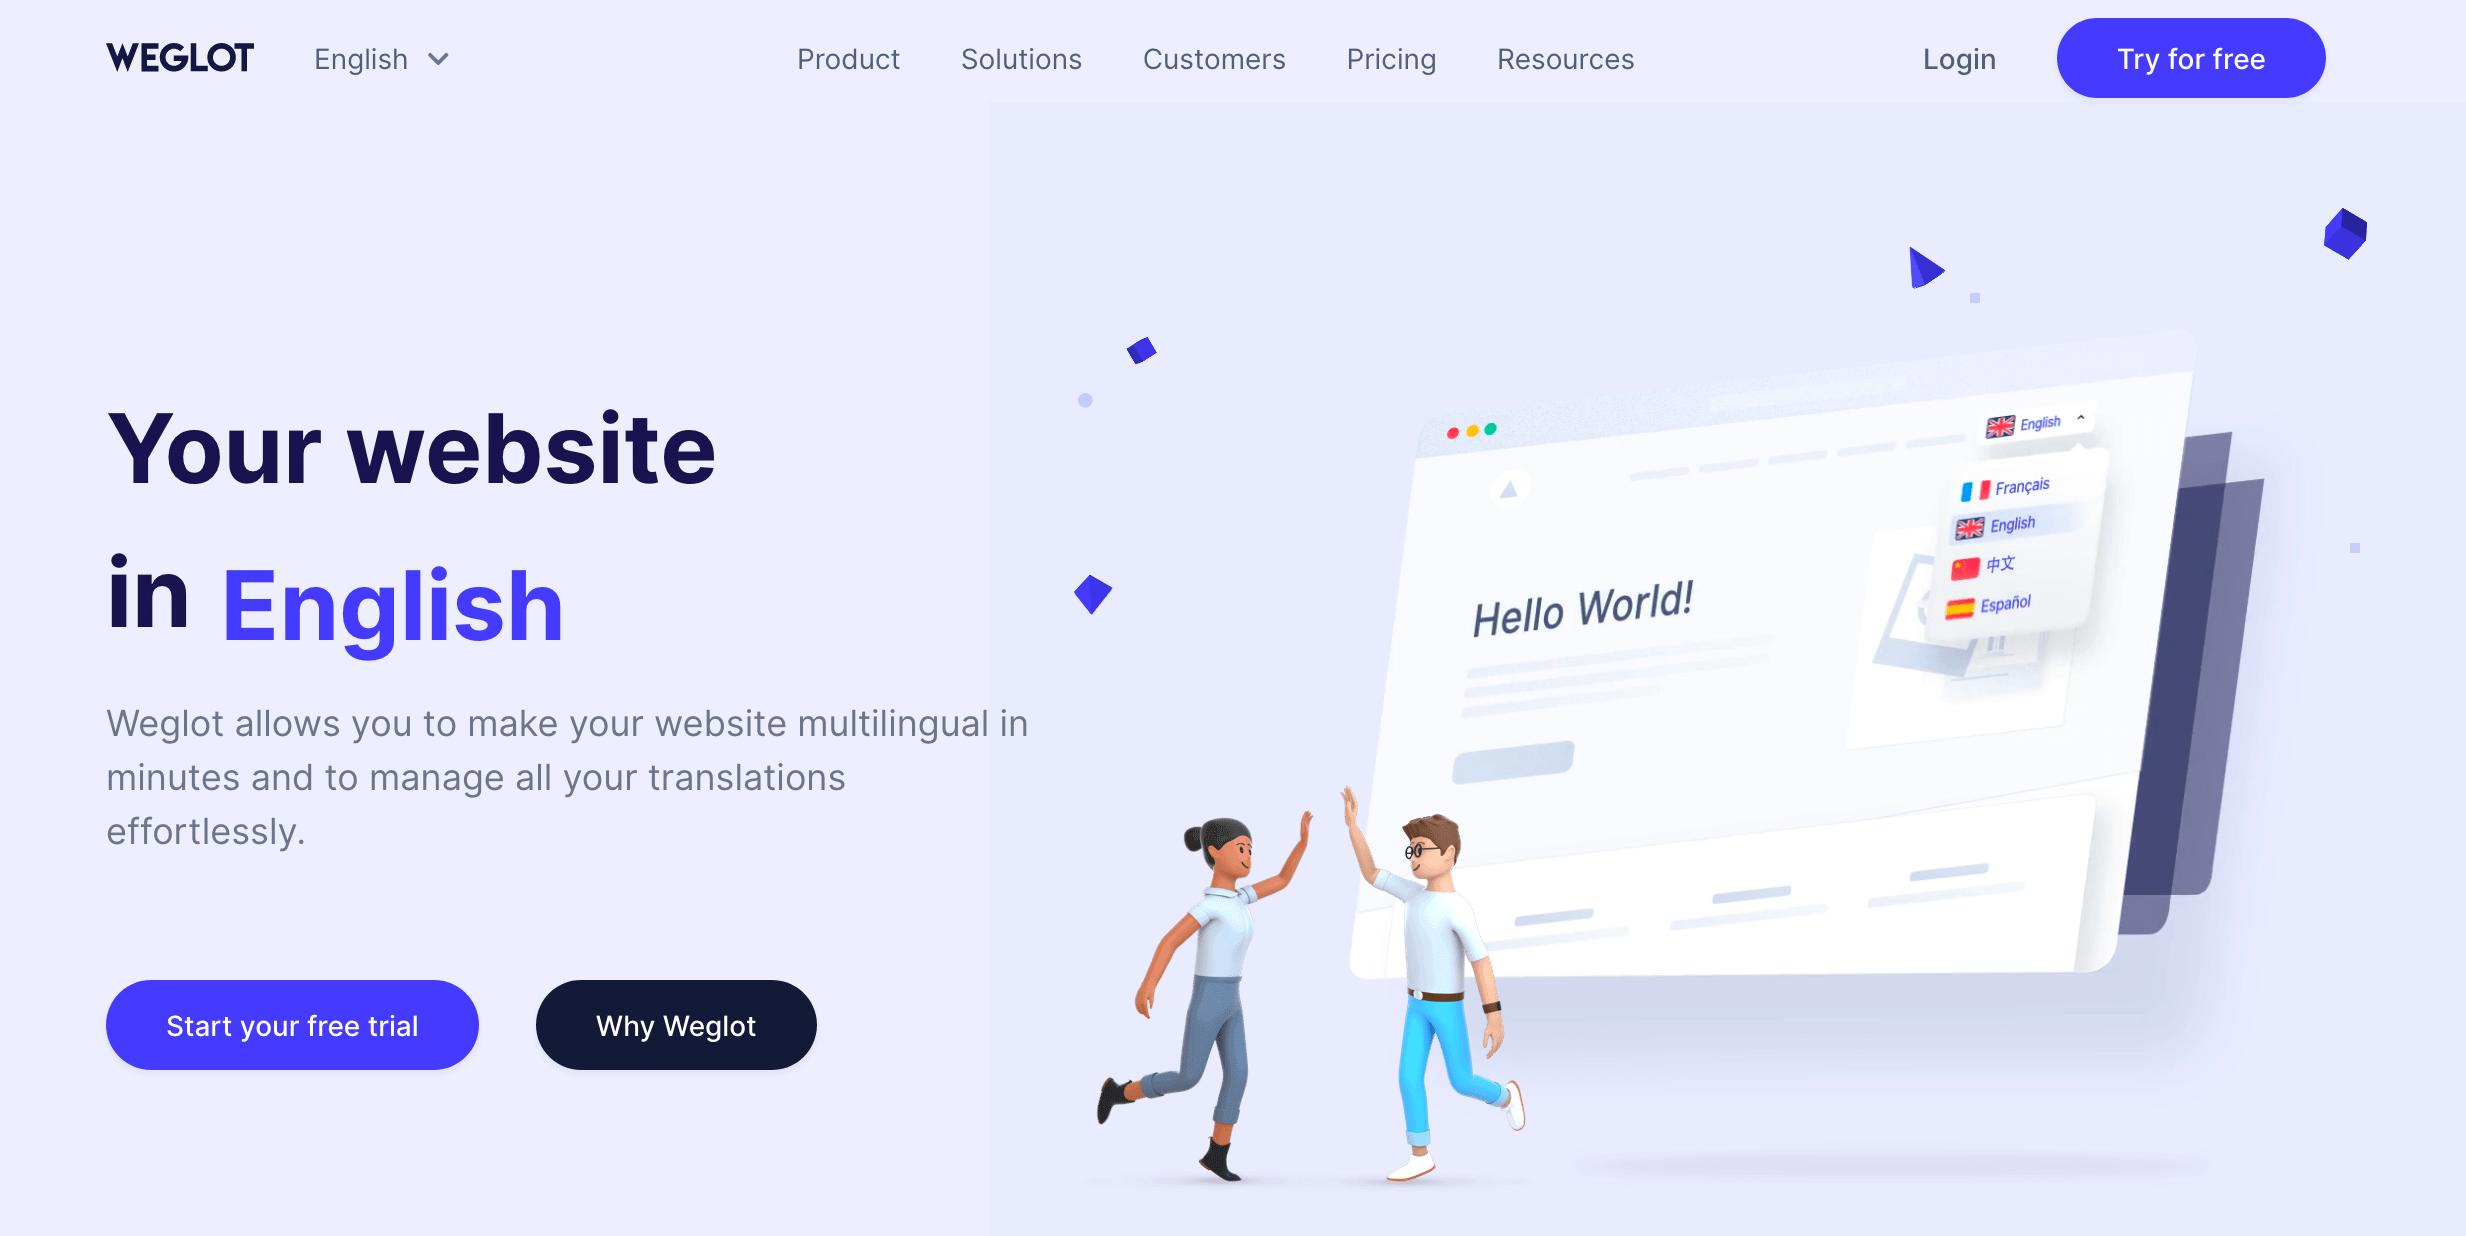 Screenshot of WeGlot website